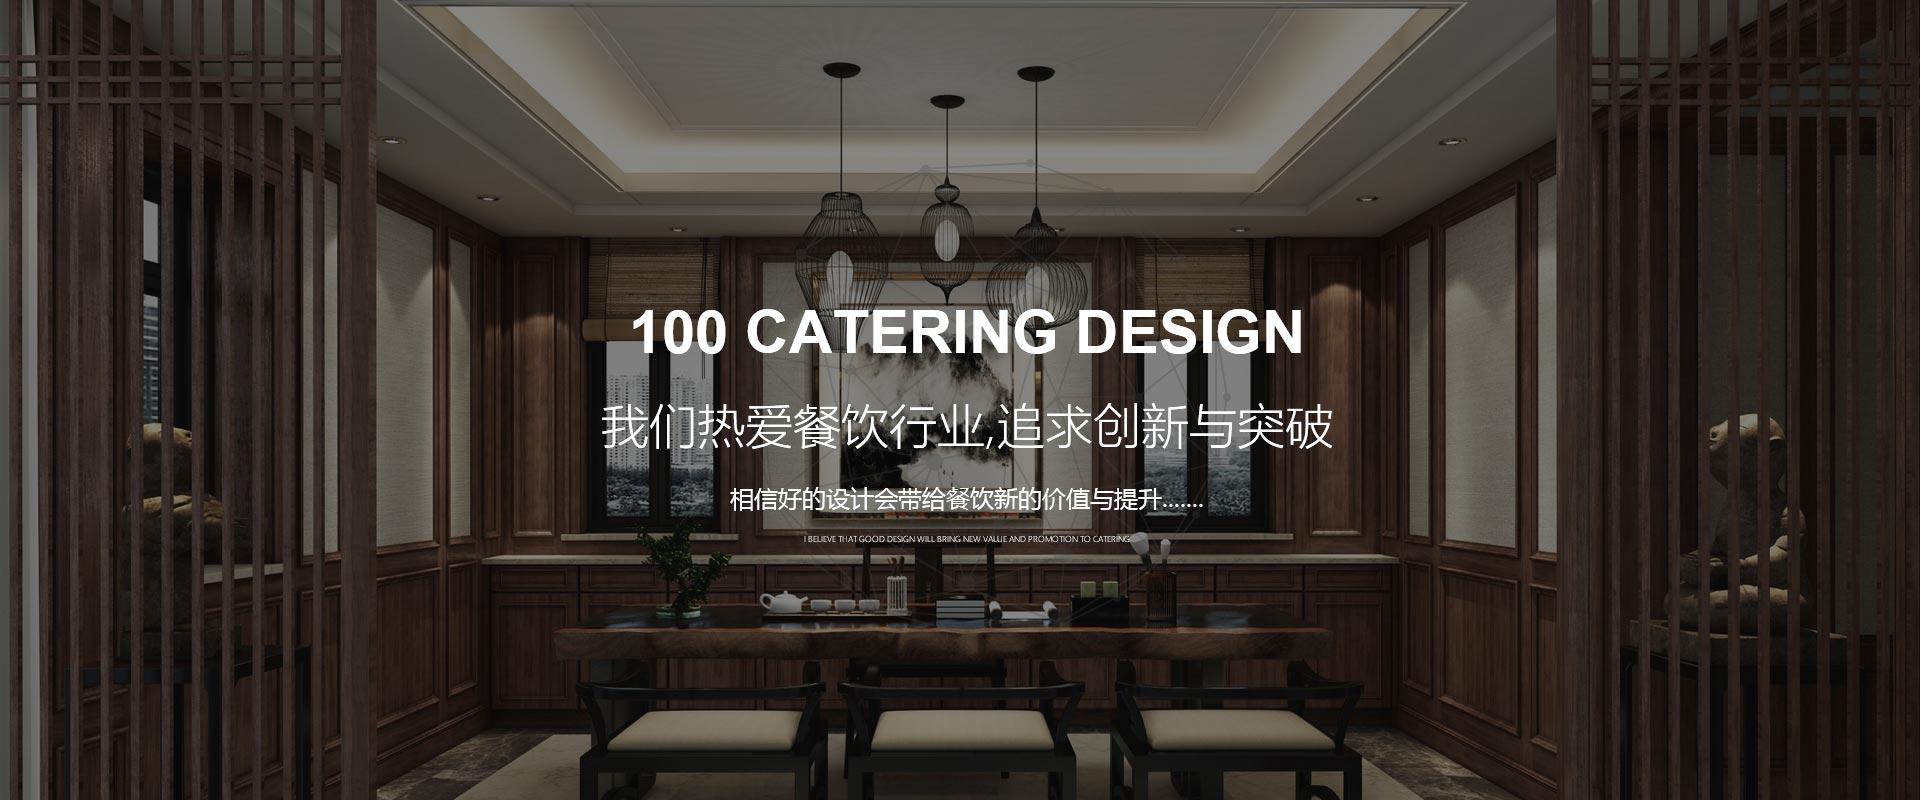 郑州餐饮设计